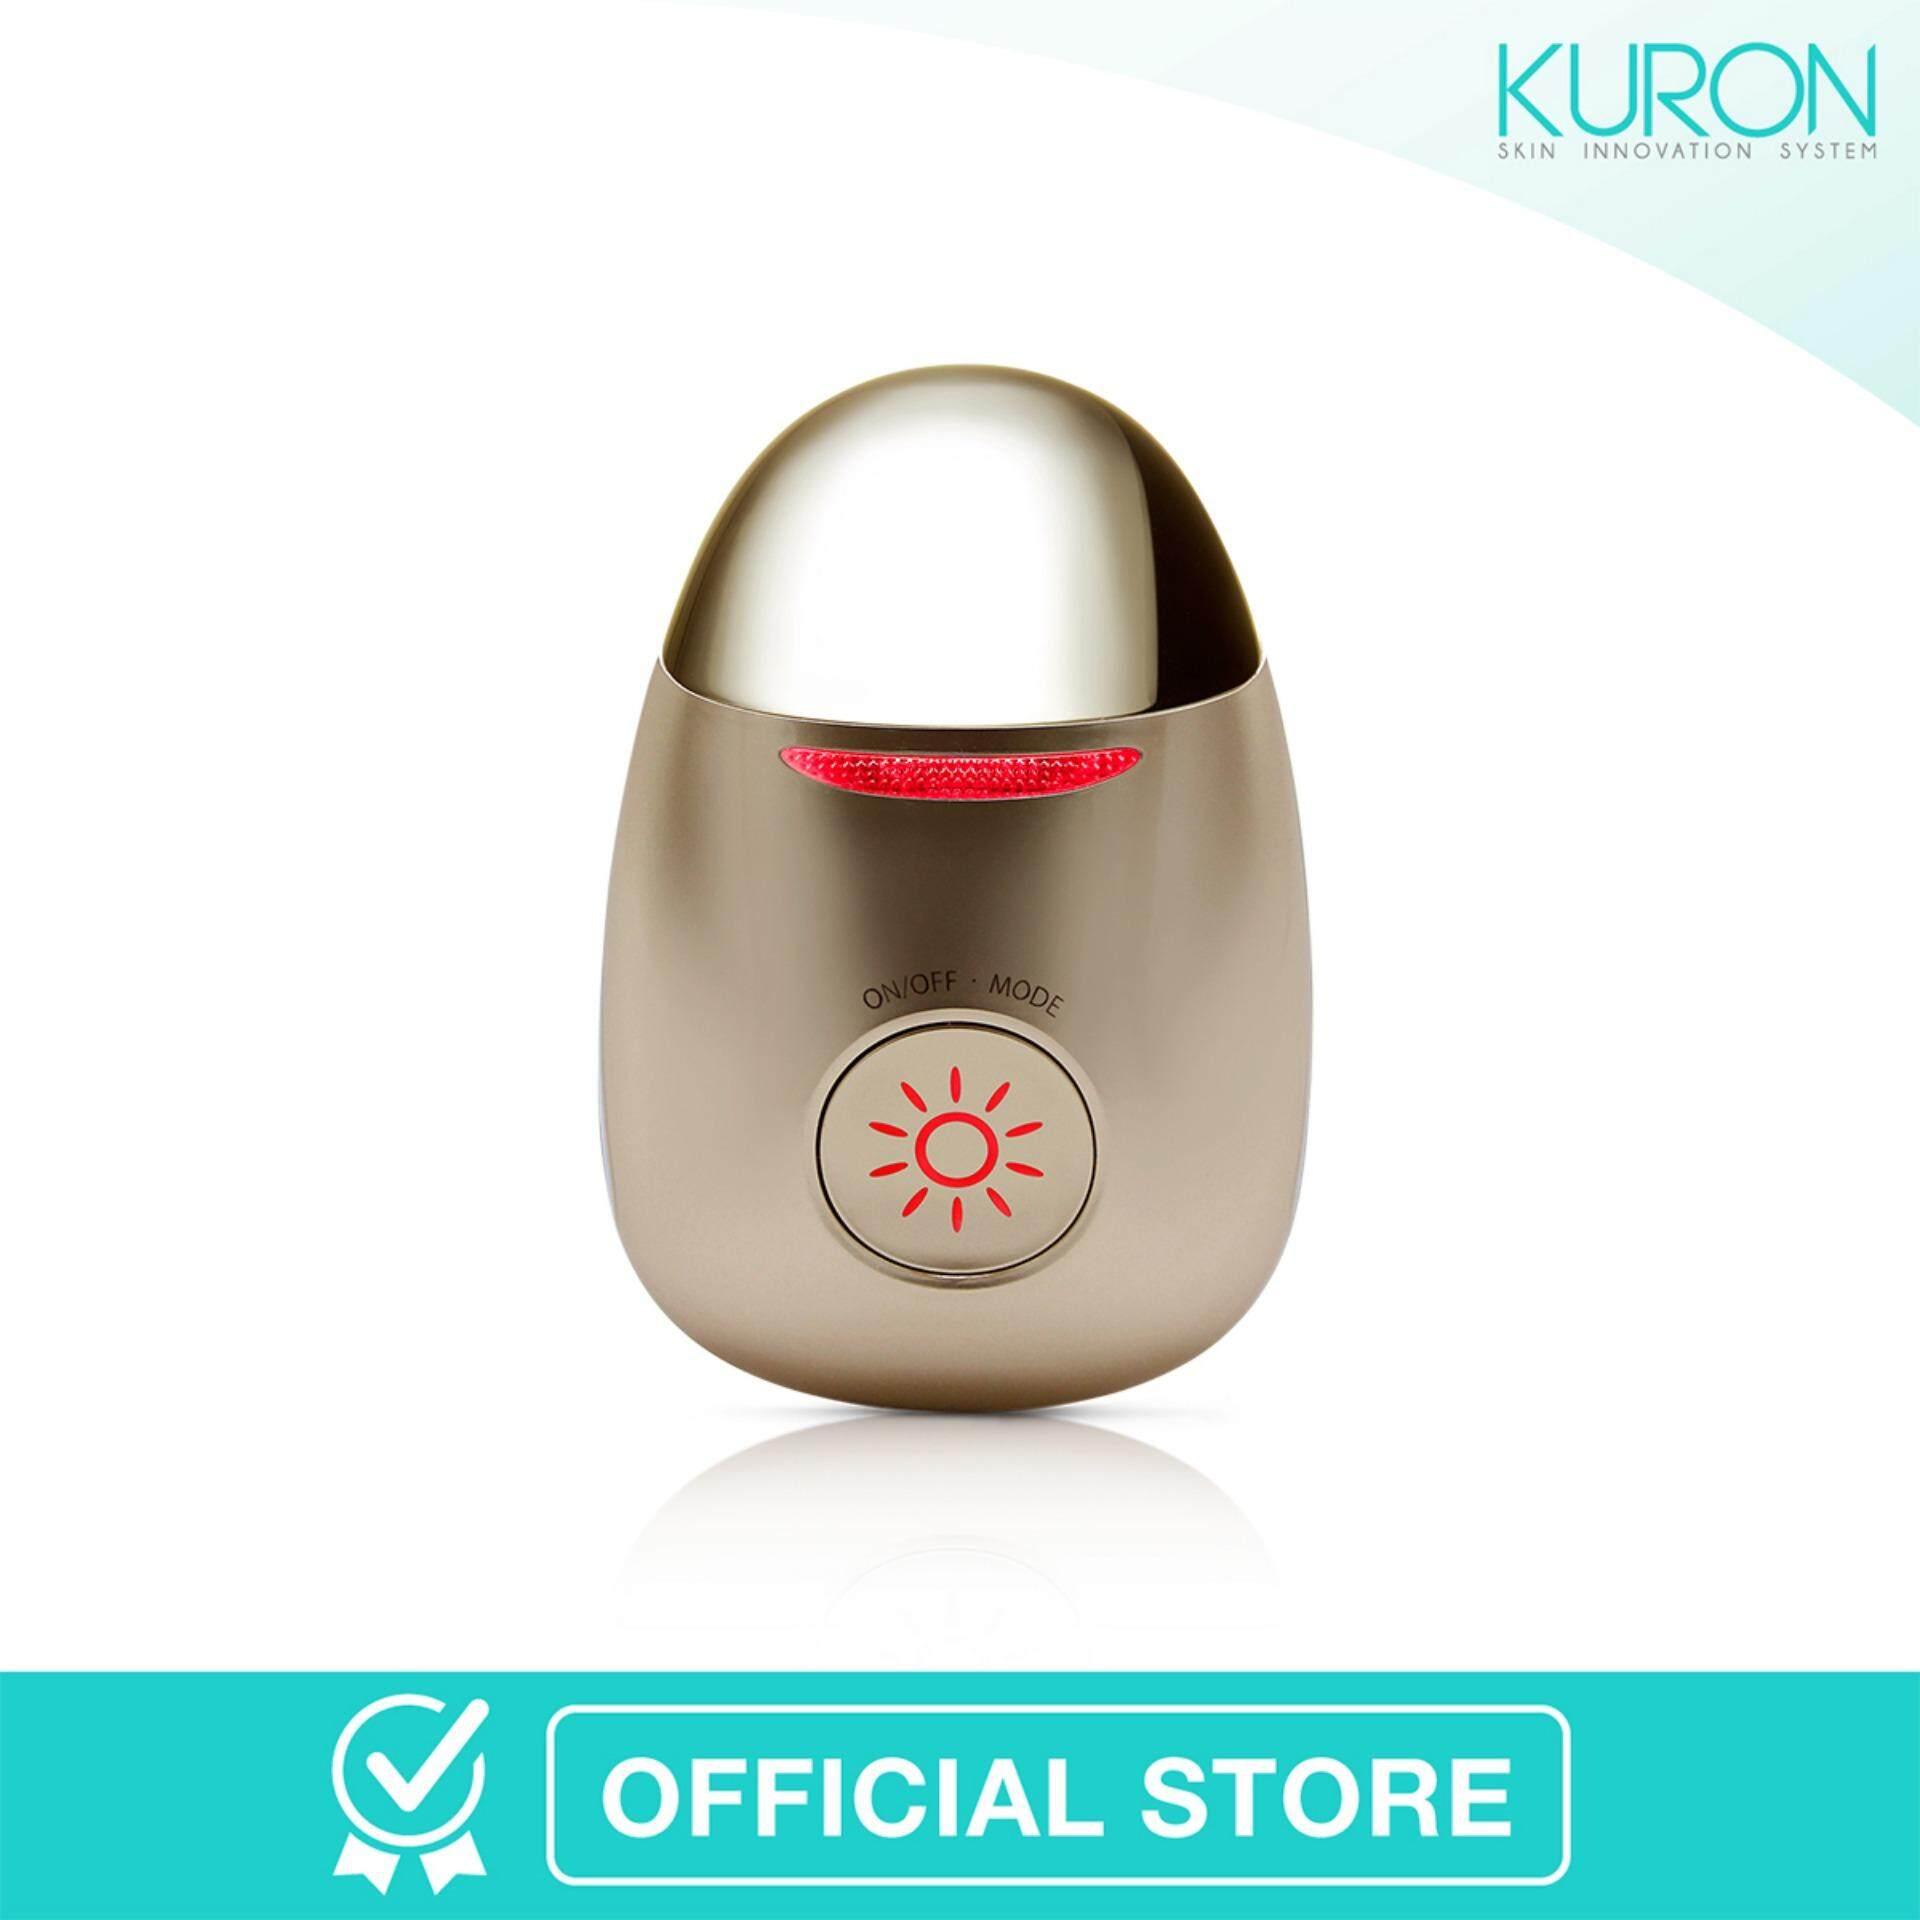 ขาย Kuron เครื่องนวดหน้าคิวรอน รุ่น Ms Egg รุ่น Ku0088 ออนไลน์ กรุงเทพมหานคร